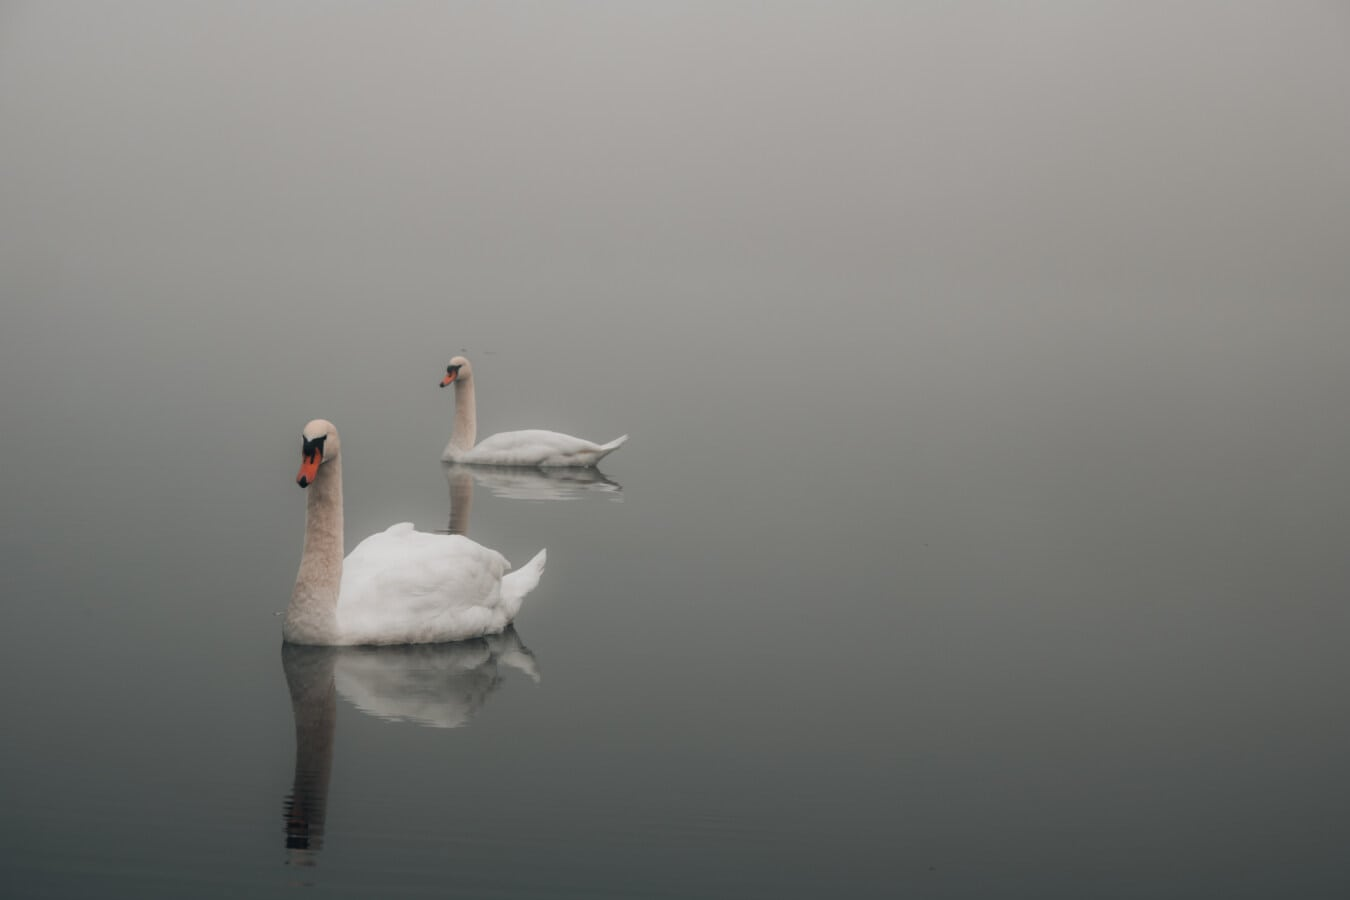 crépuscule, brumeux, cygne, piscine, oiseaux, sauvagine, en volant, oiseau, oiseaux aquatique, Lac